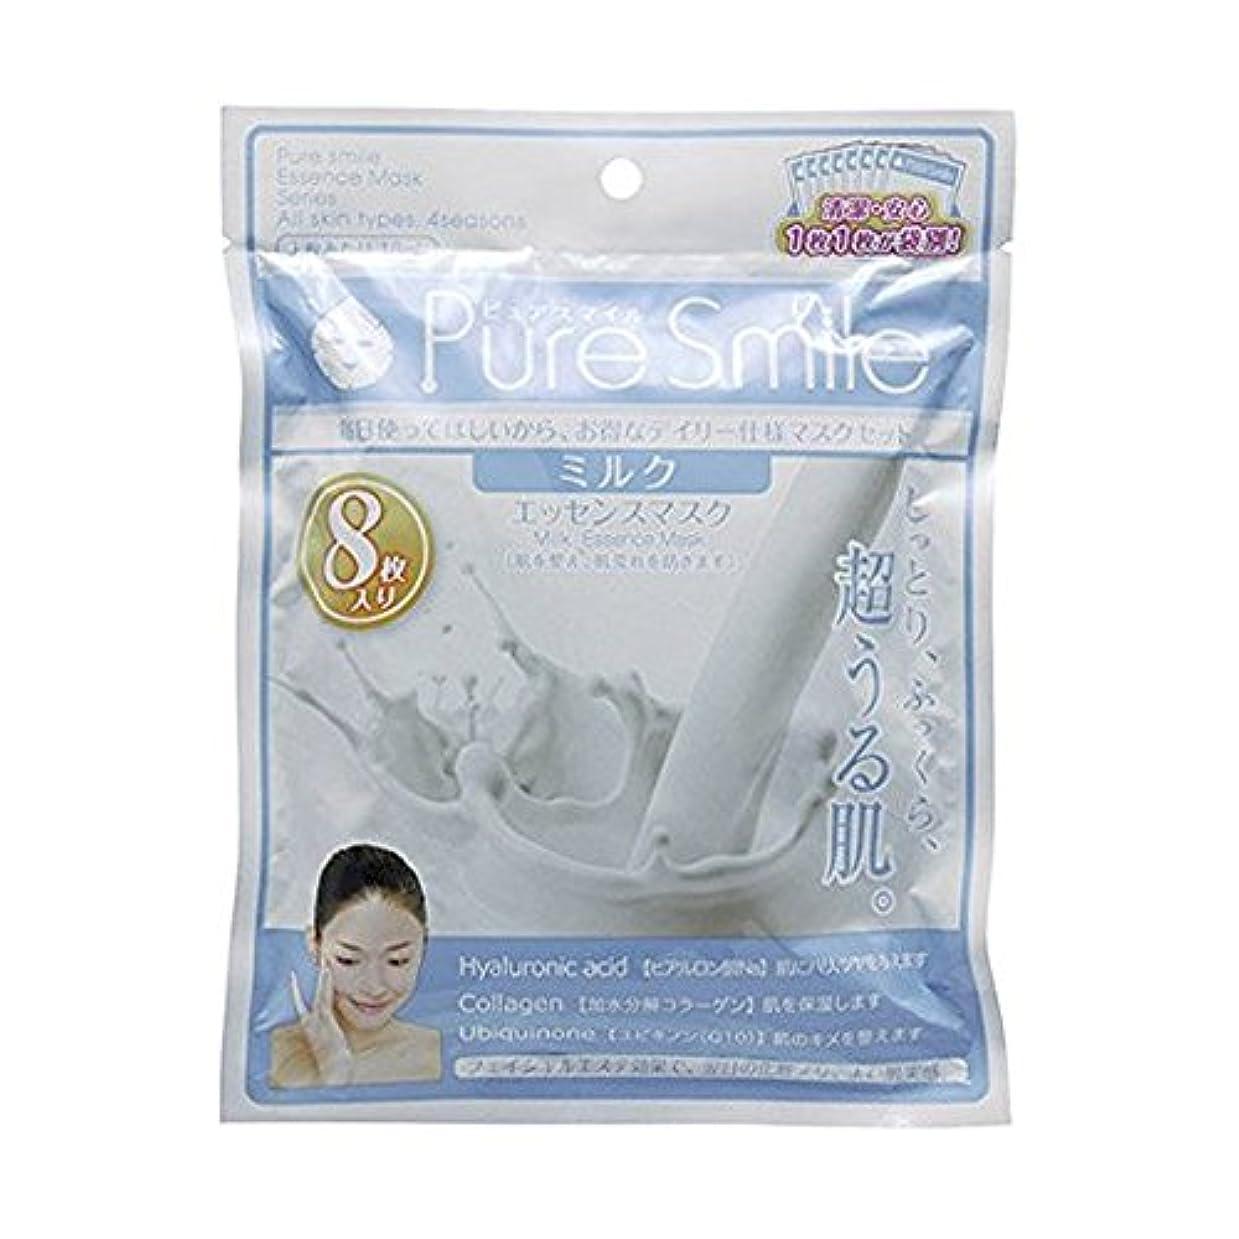 料理乳マントルピュアスマイル エッセンスマスク 8枚セット ミルク